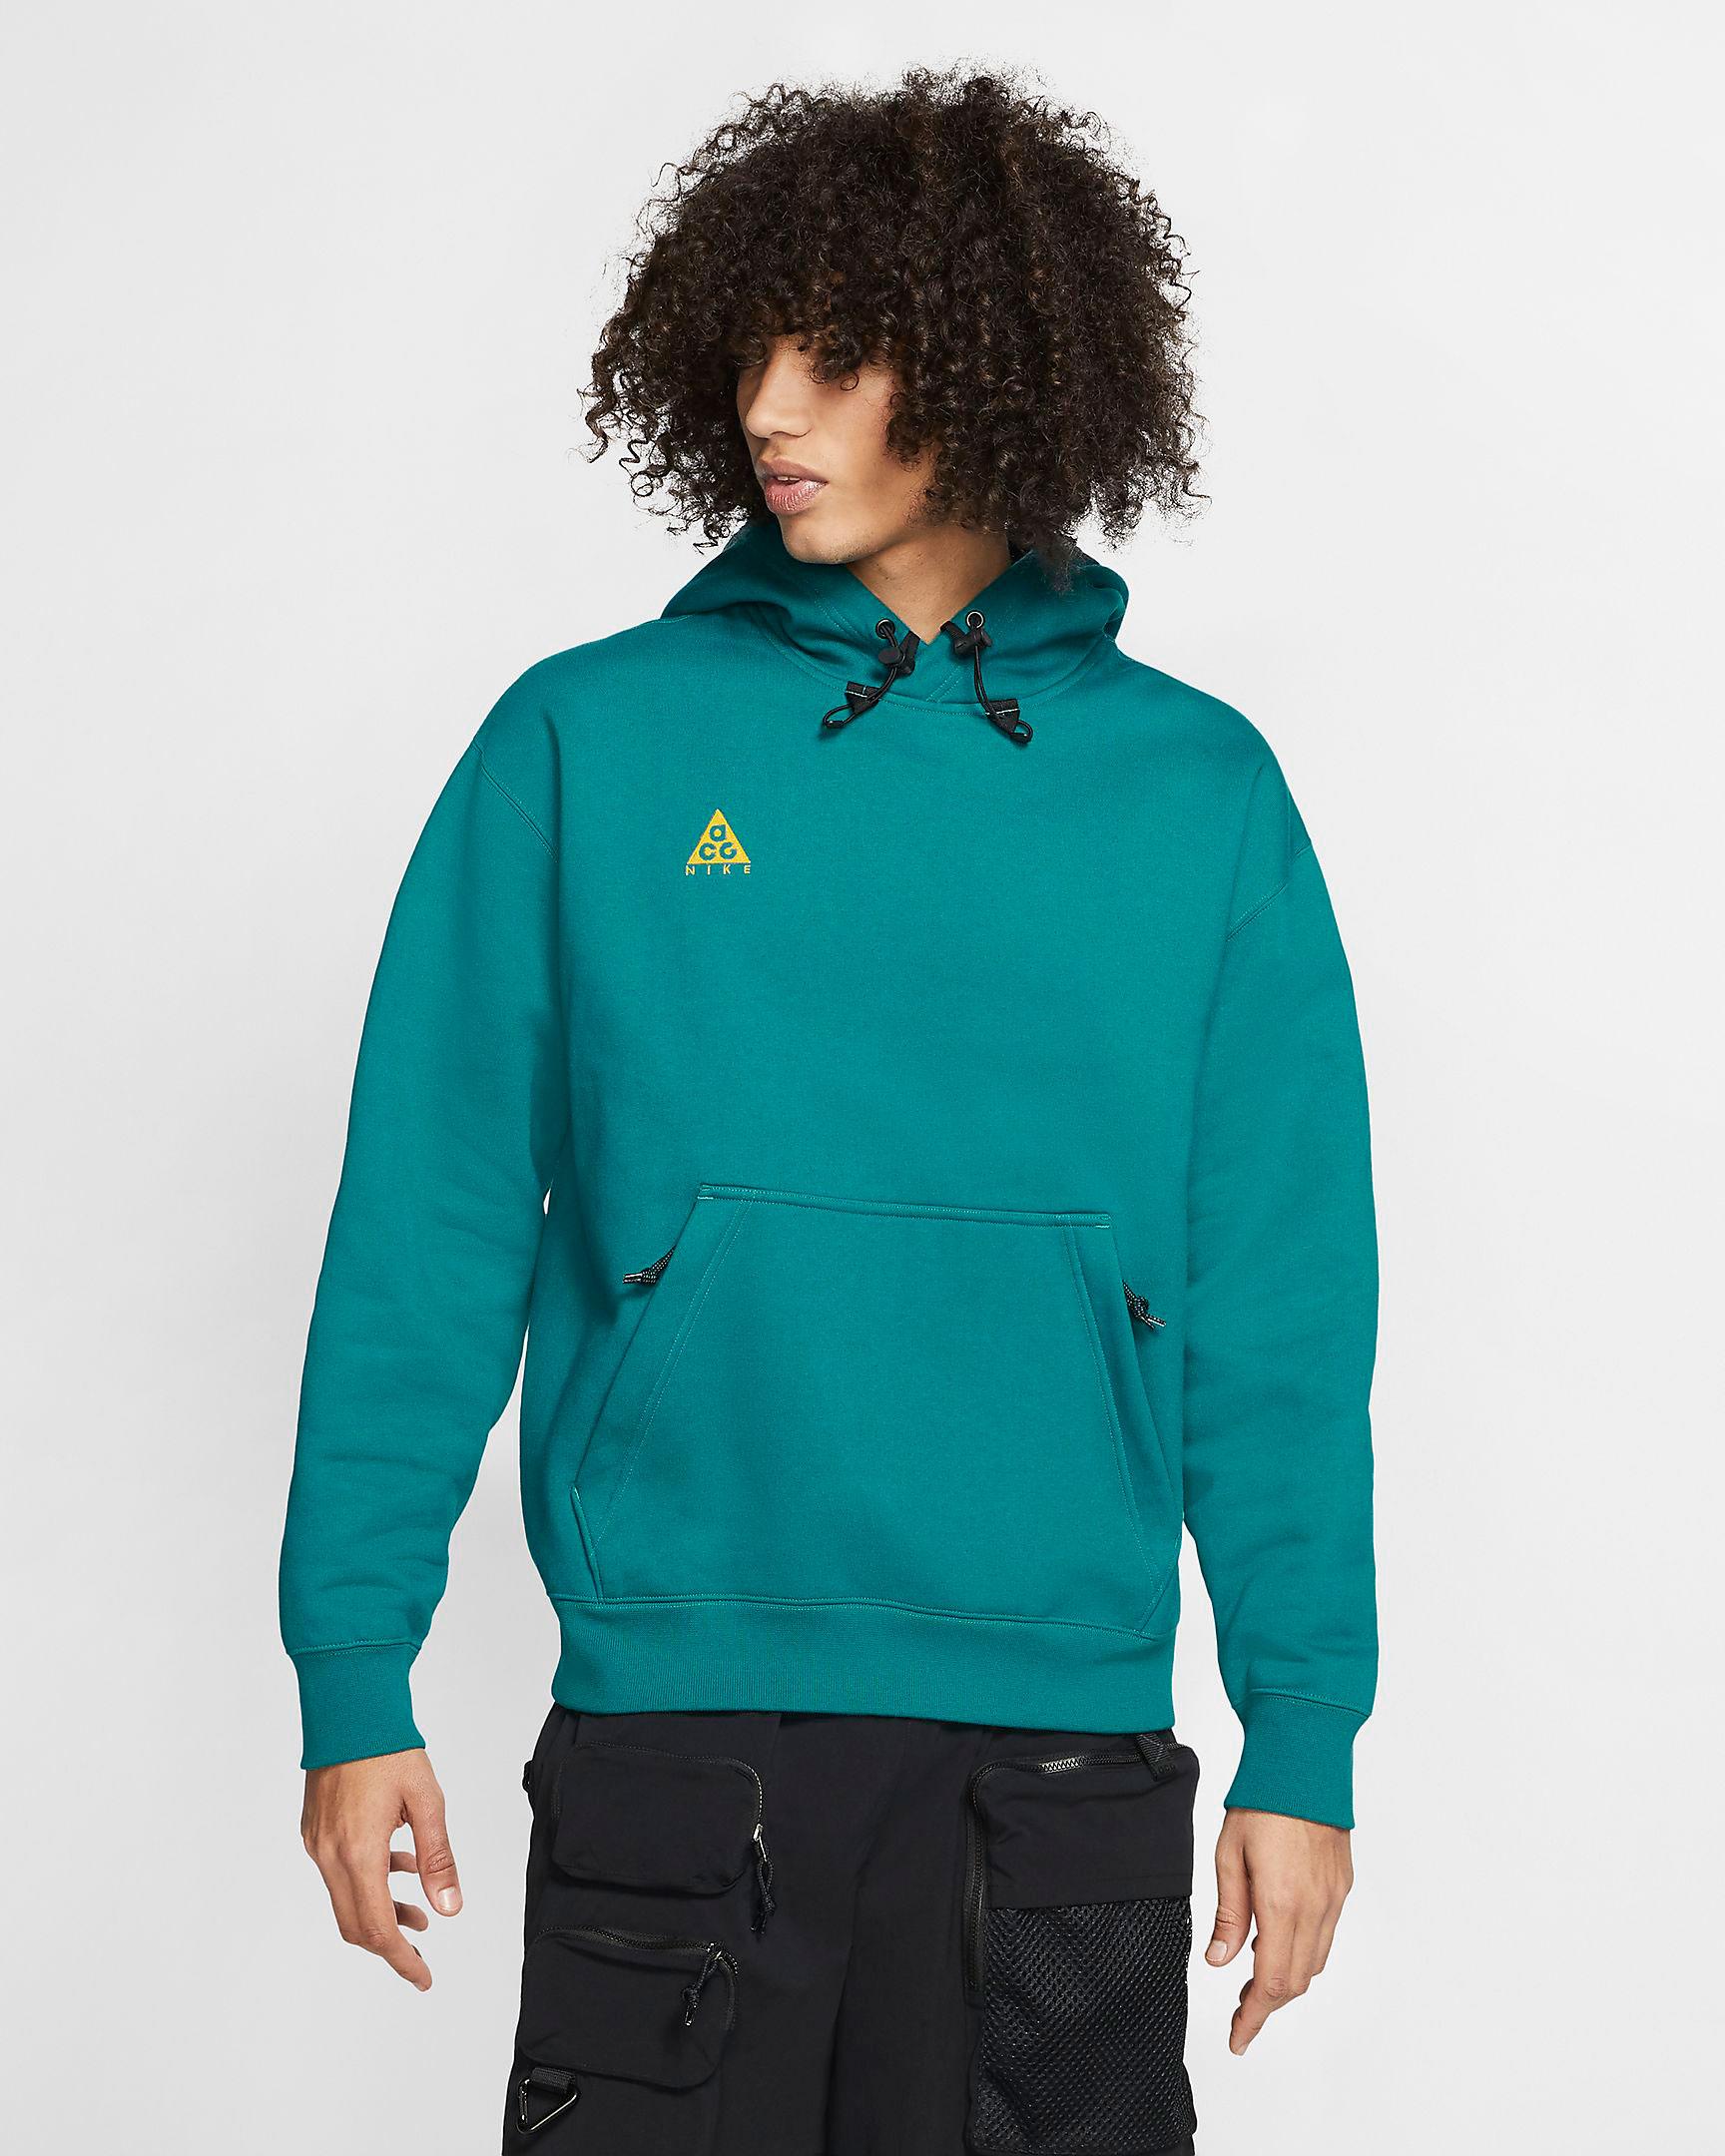 nike-acg-hoodie-green-2